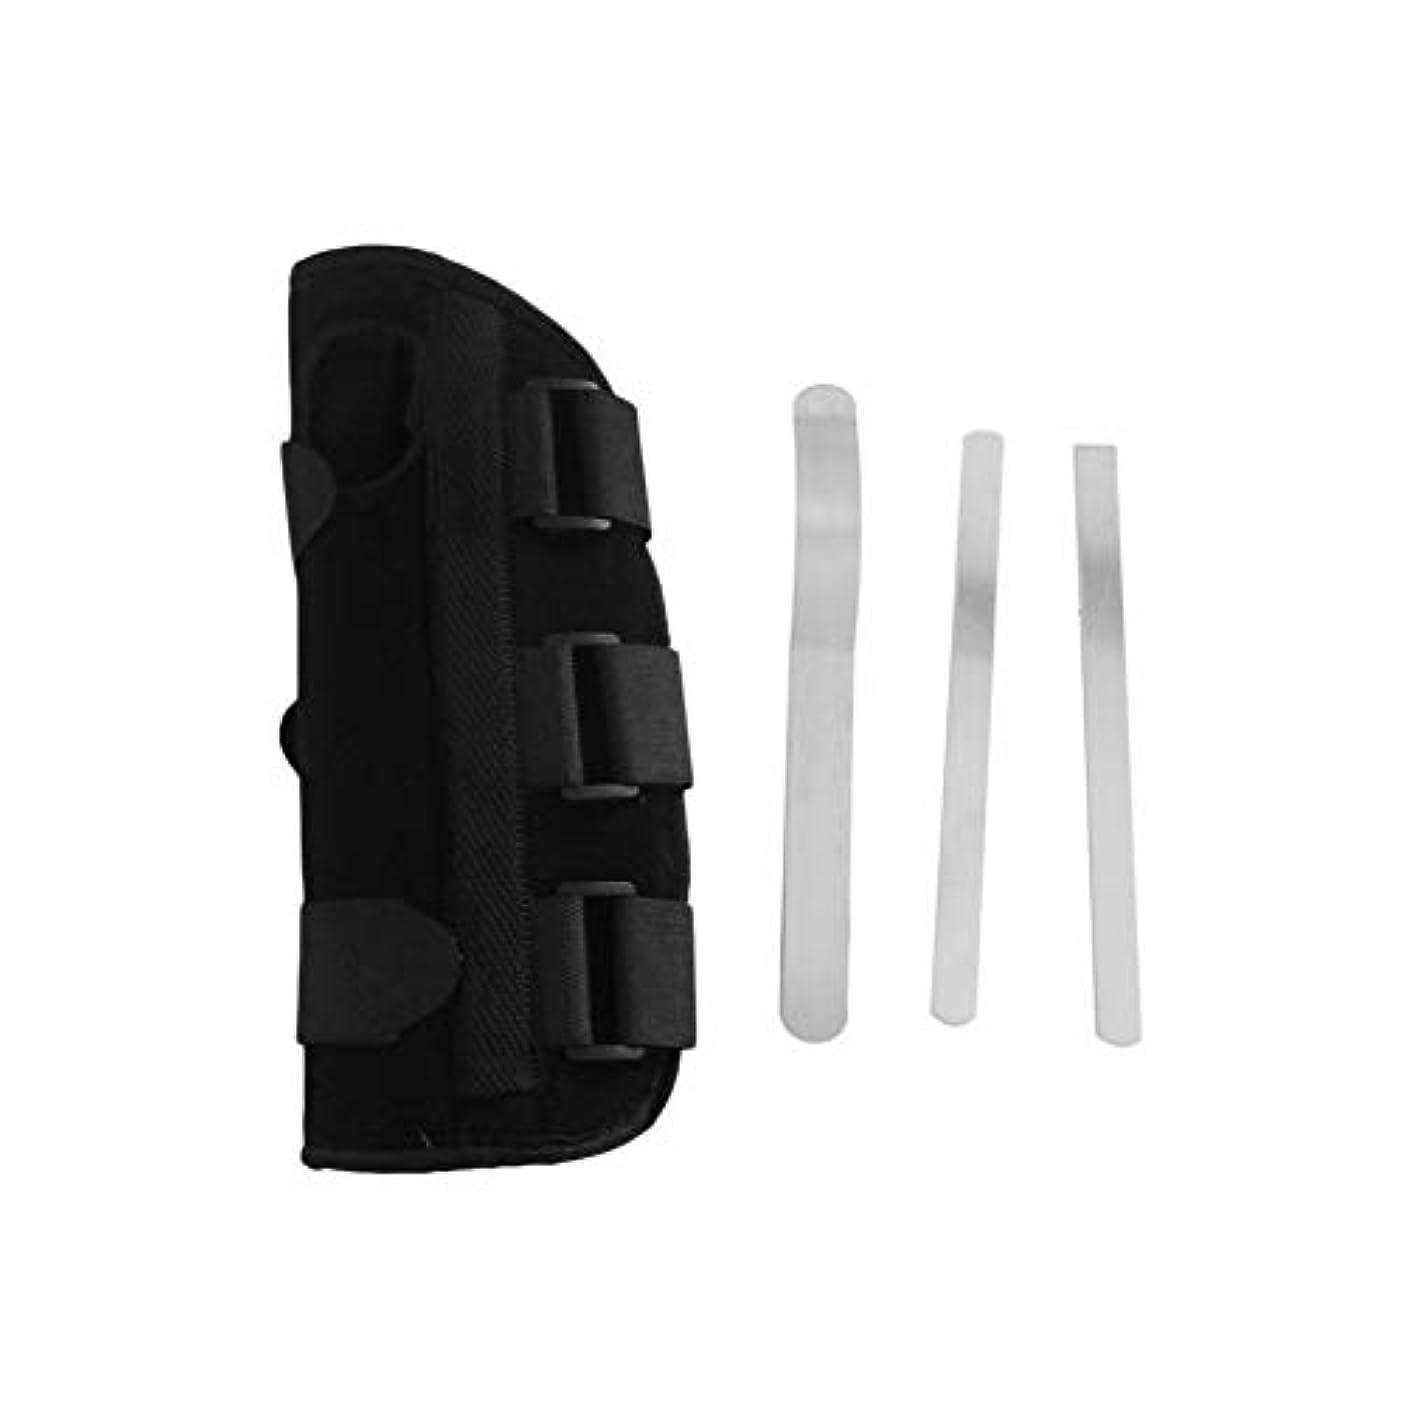 独立簡潔なモーション手首副木ブレース保護サポートストラップカルペルトンネルCTS RSI痛み軽減取り外し可能な副木快適な軽量ストラップ - ブラックS